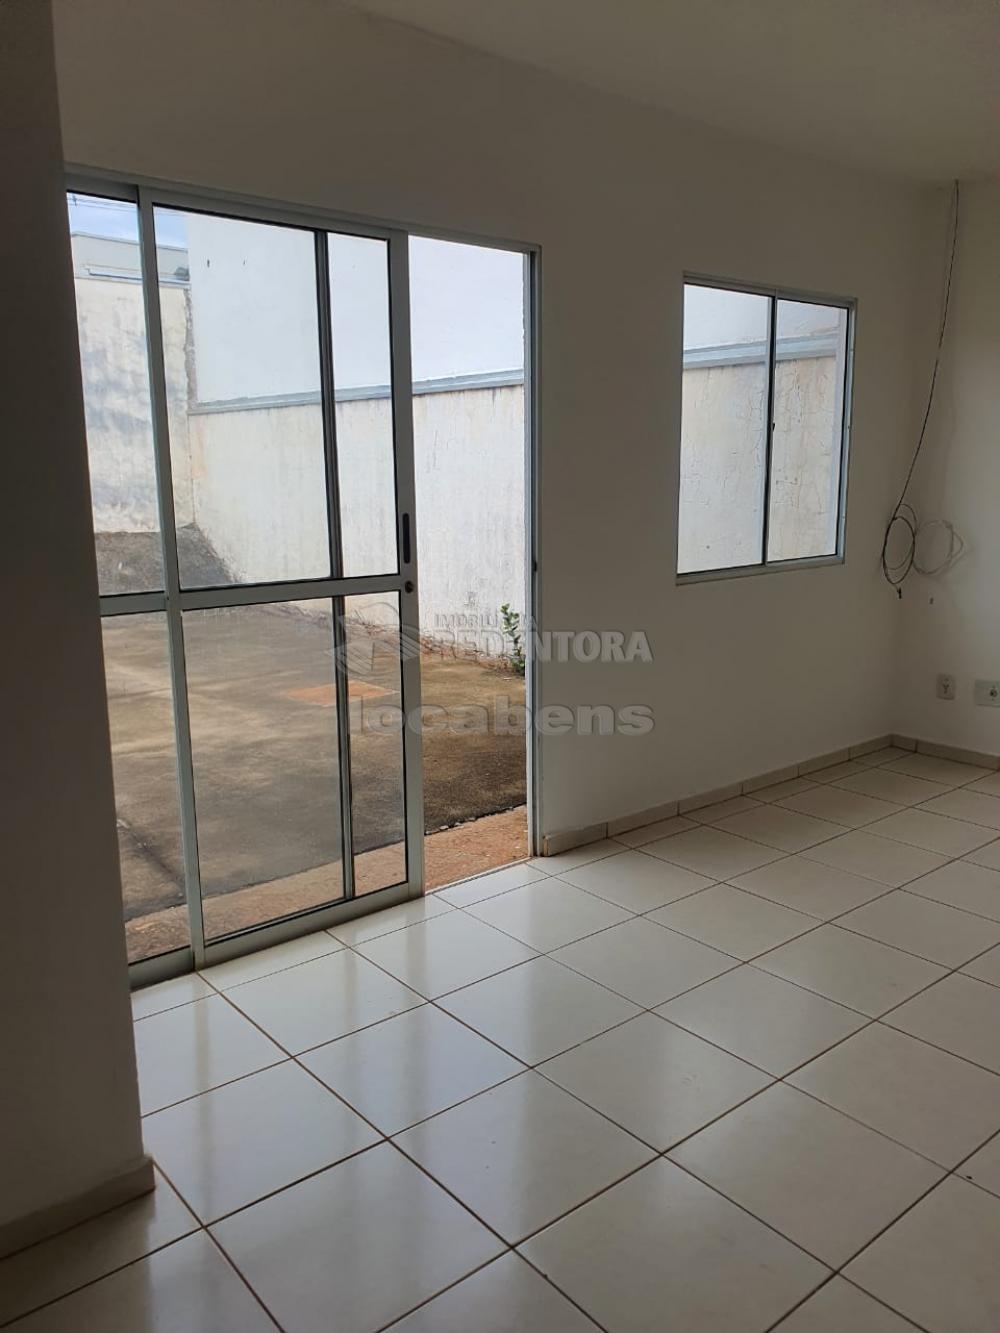 Alugar Casa / Condomínio em São José do Rio Preto R$ 1.100,00 - Foto 9